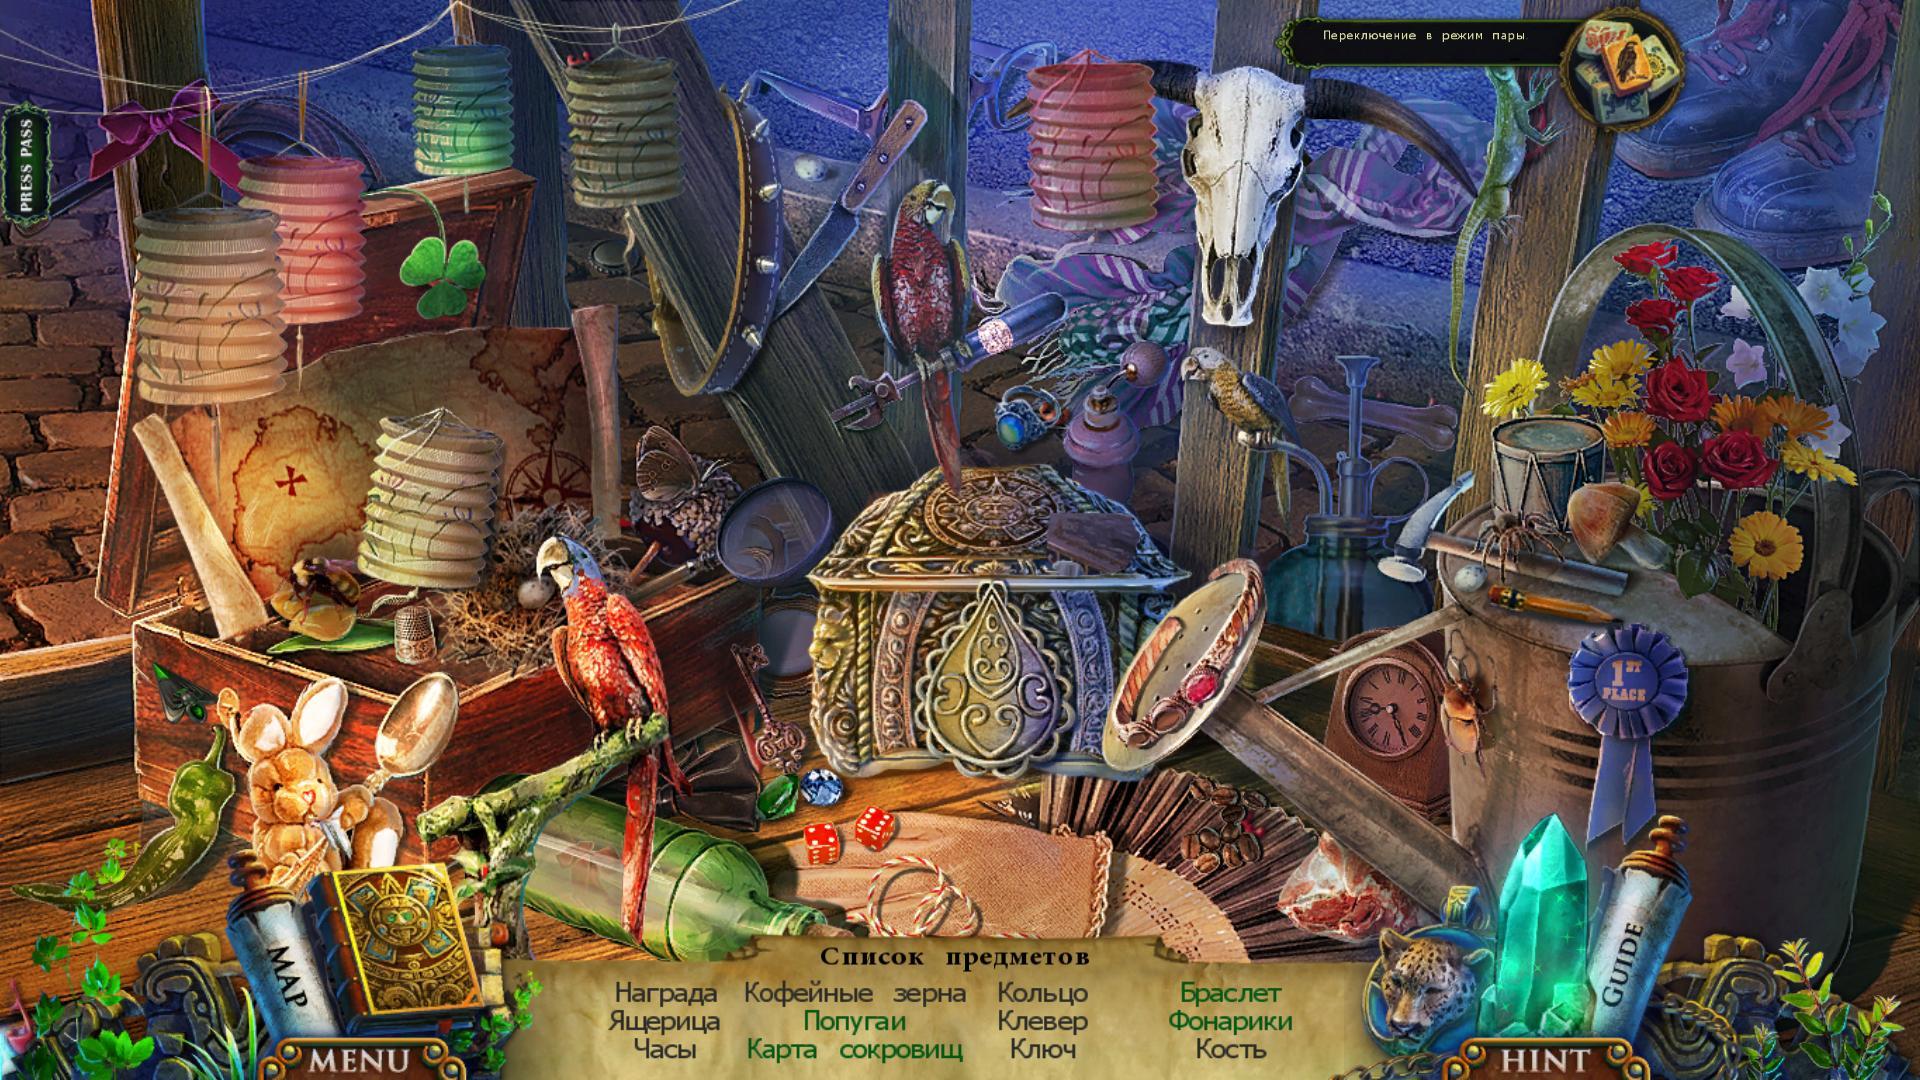 http://fs5.directupload.net/images/170108/k6arnvie.jpg